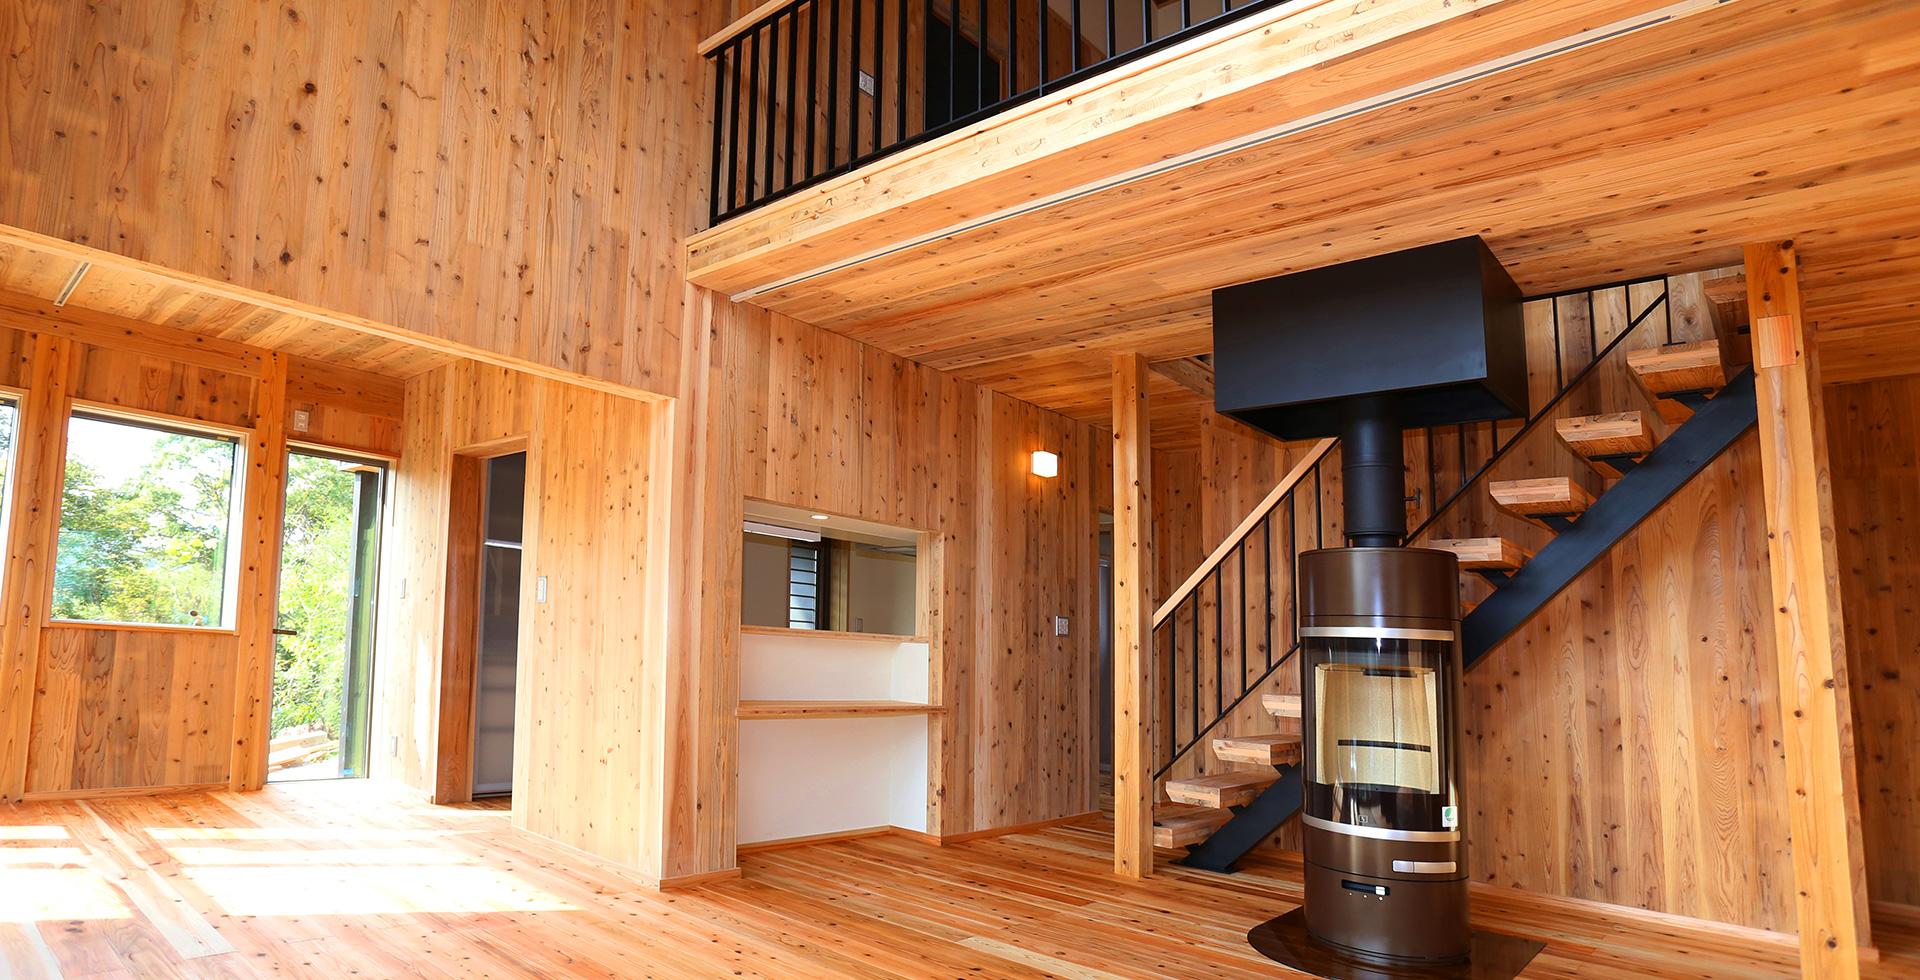 Biesse для деревянного домостроения: Фото 2